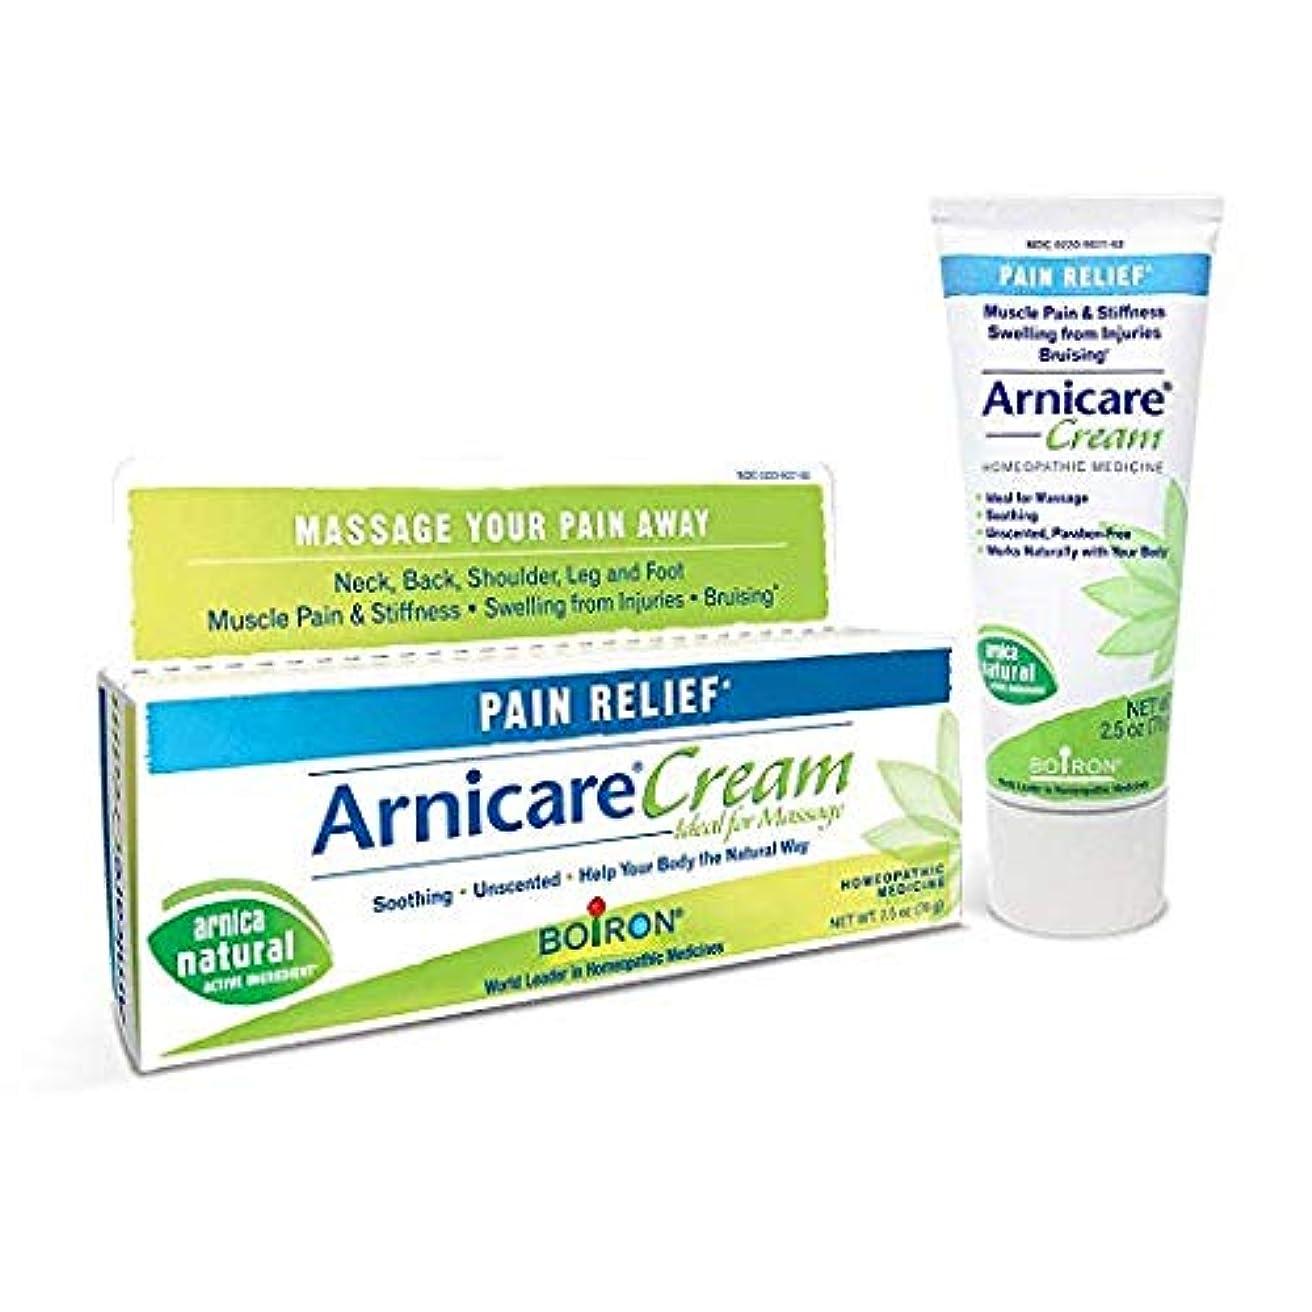 起点構造ひらめきボイロン アルニカクリーム Boiron Arnicare Cream 2.5 Ounces Topical Pain Relief Cream [並行輸入品]